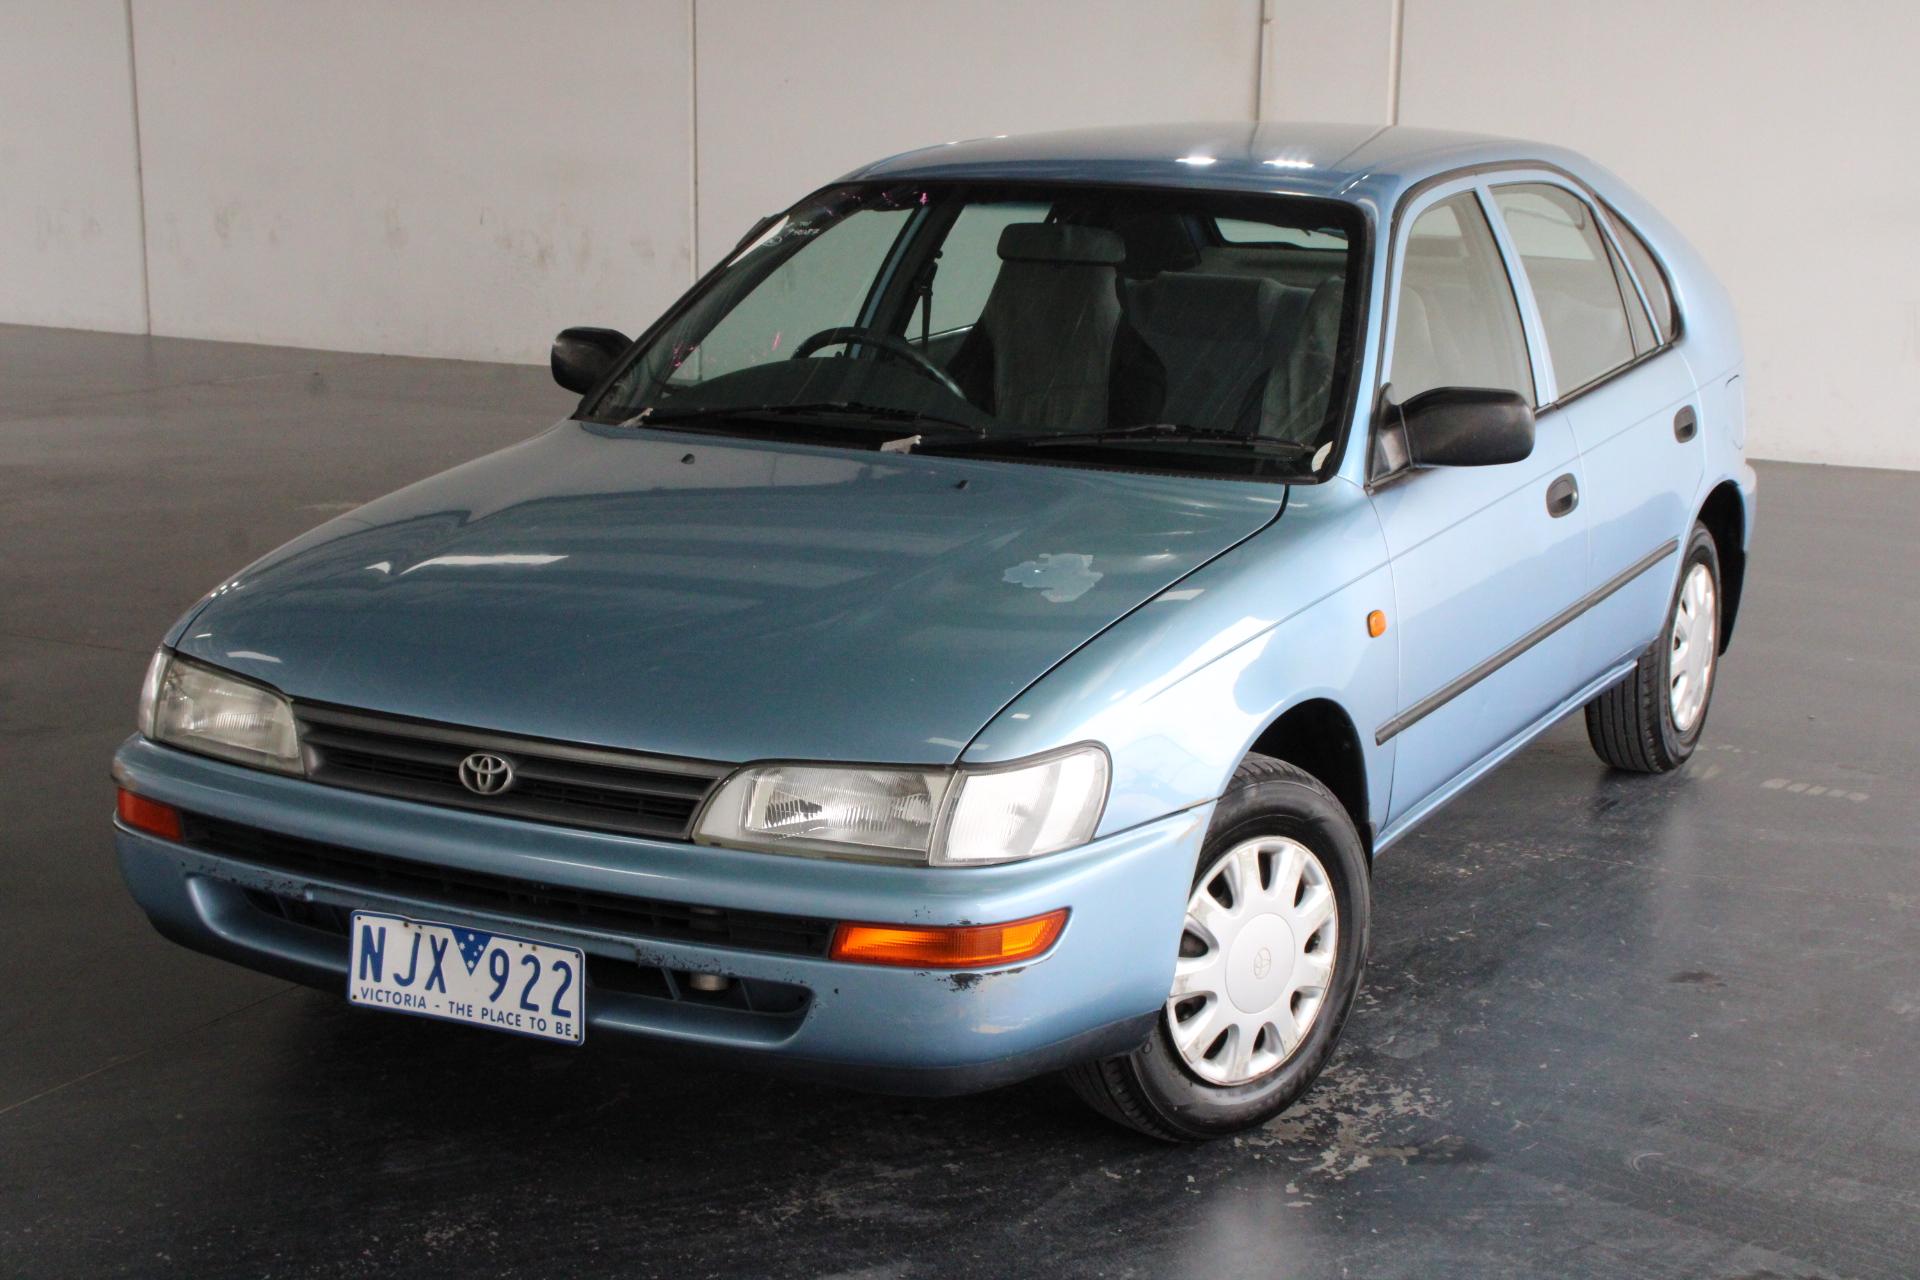 1995 Toyota Corolla CSI Seca AE101 Automatic Hatchback